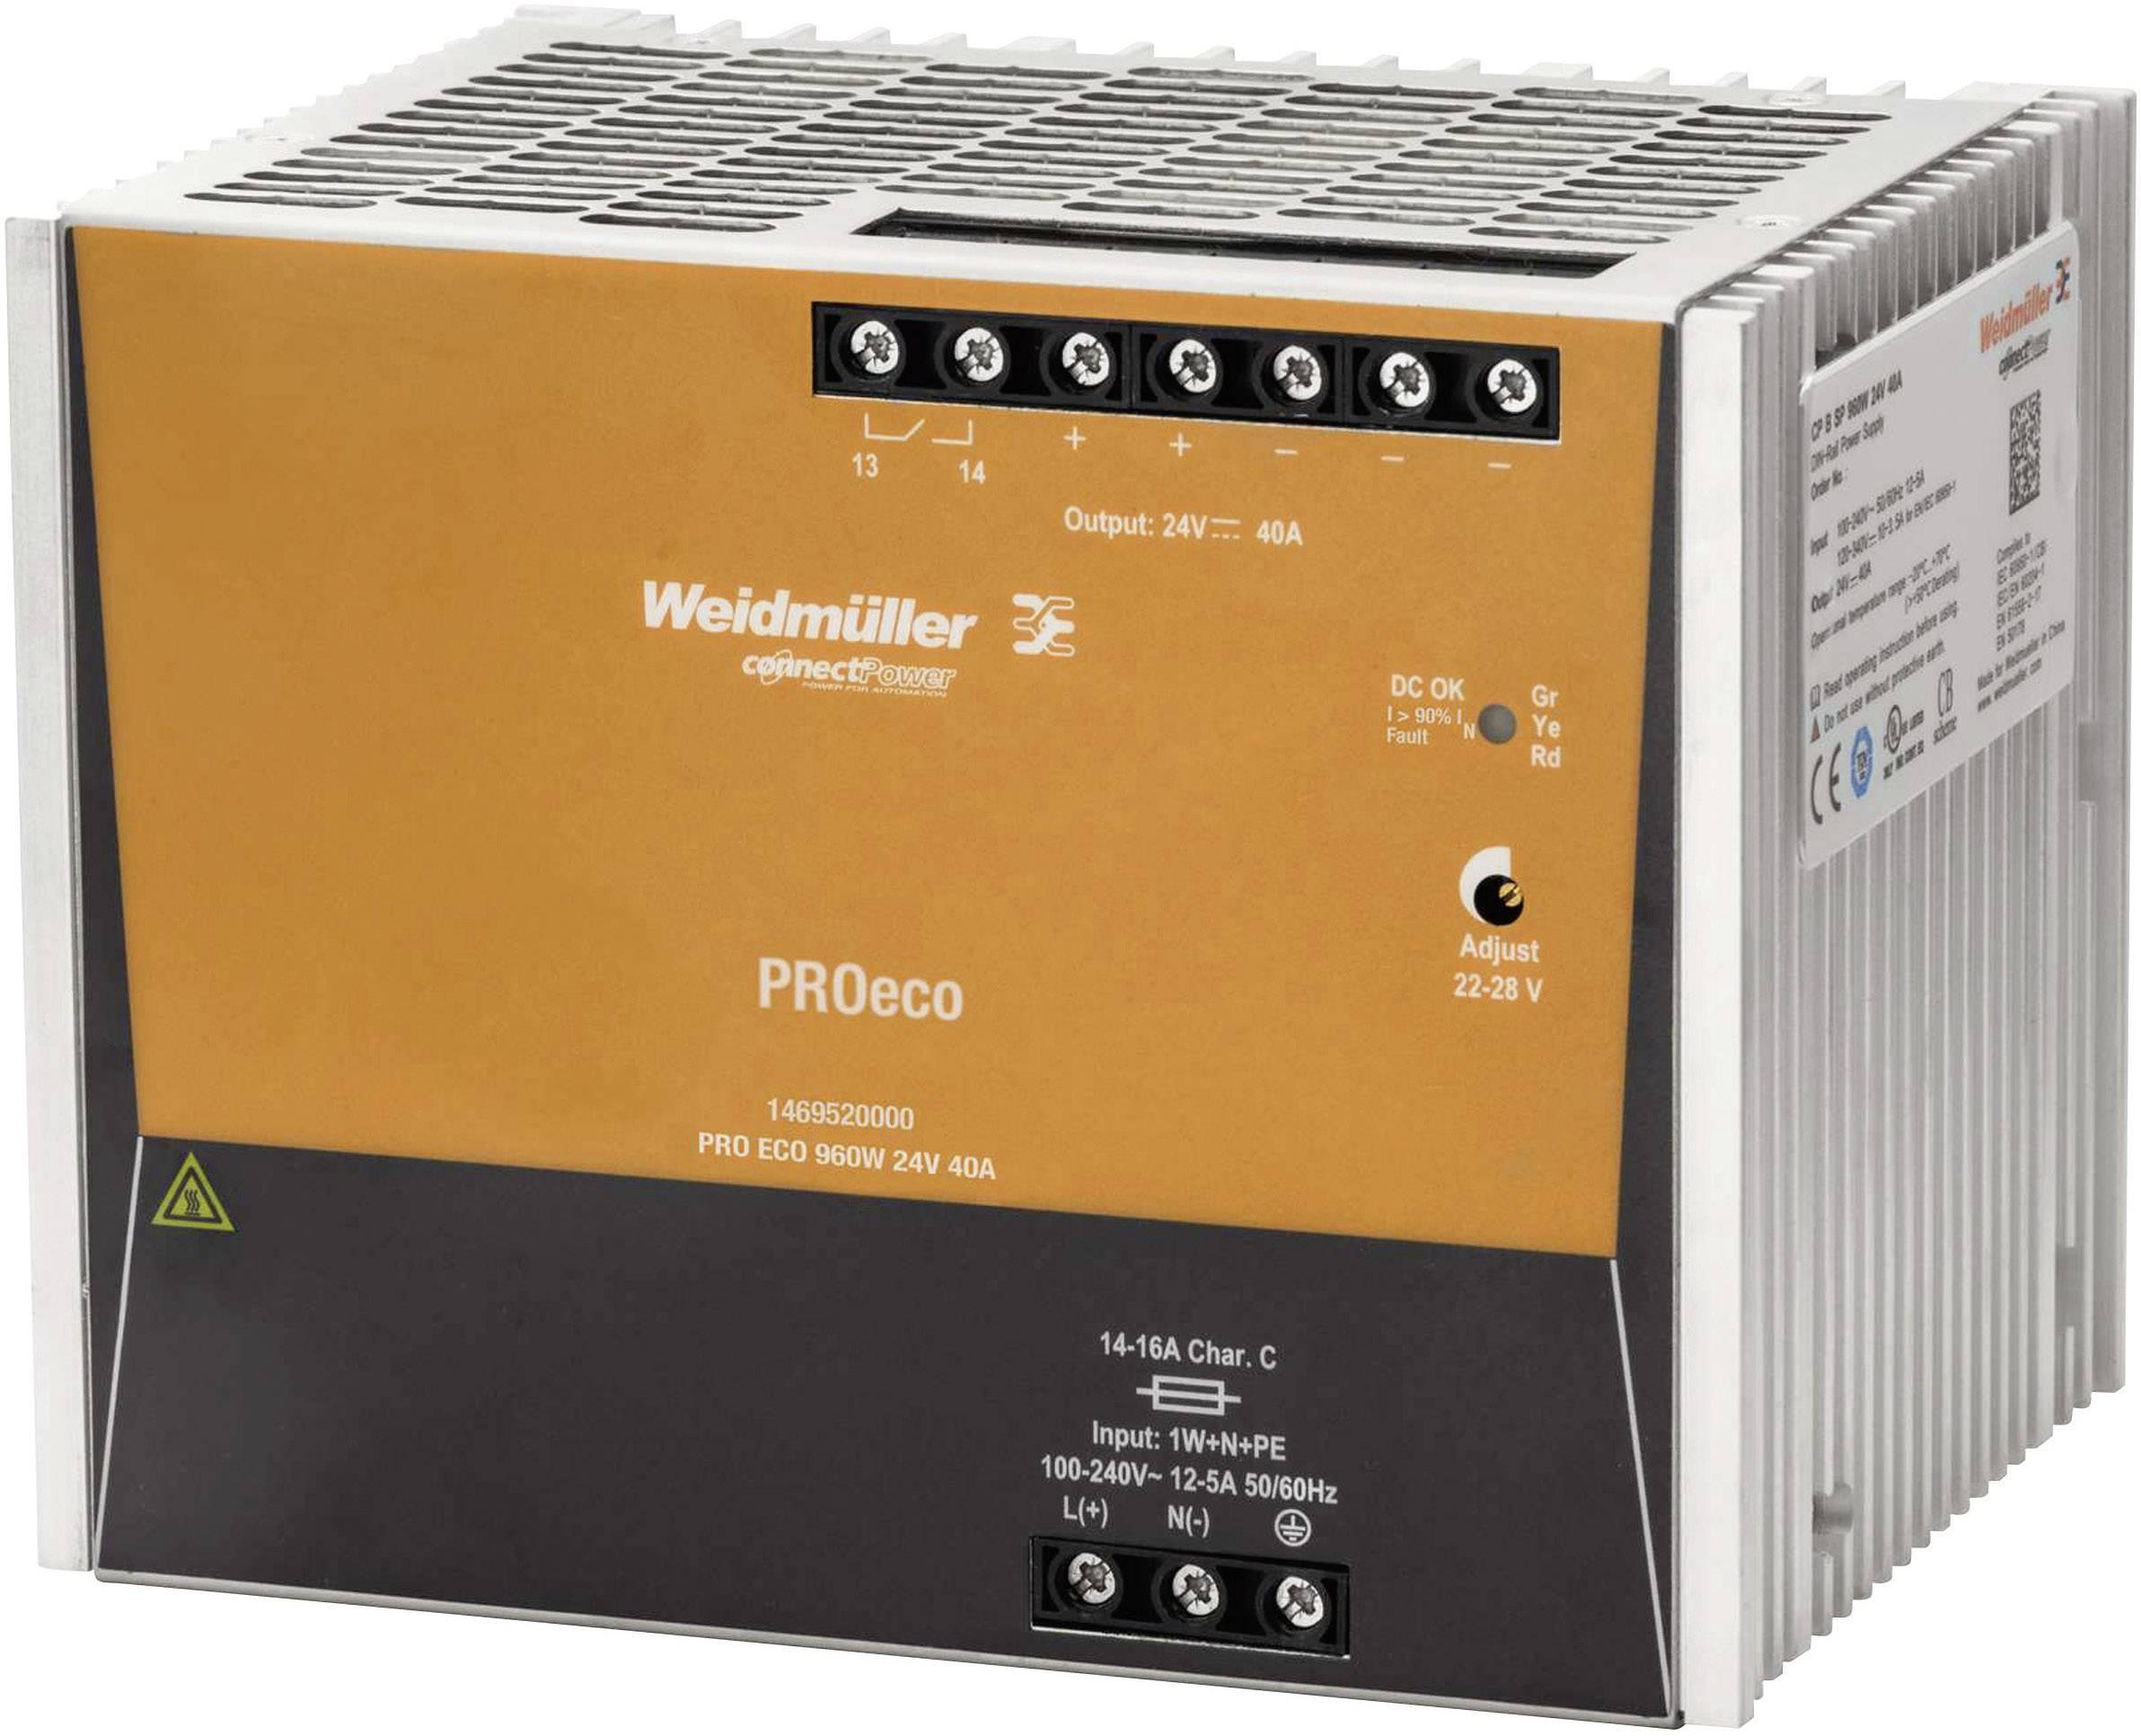 Sieťový zdroj na DIN lištu Weidmüller PRO ECO 960 W 24 V 40 A 24 V / DC 40 A 960 W 1 x